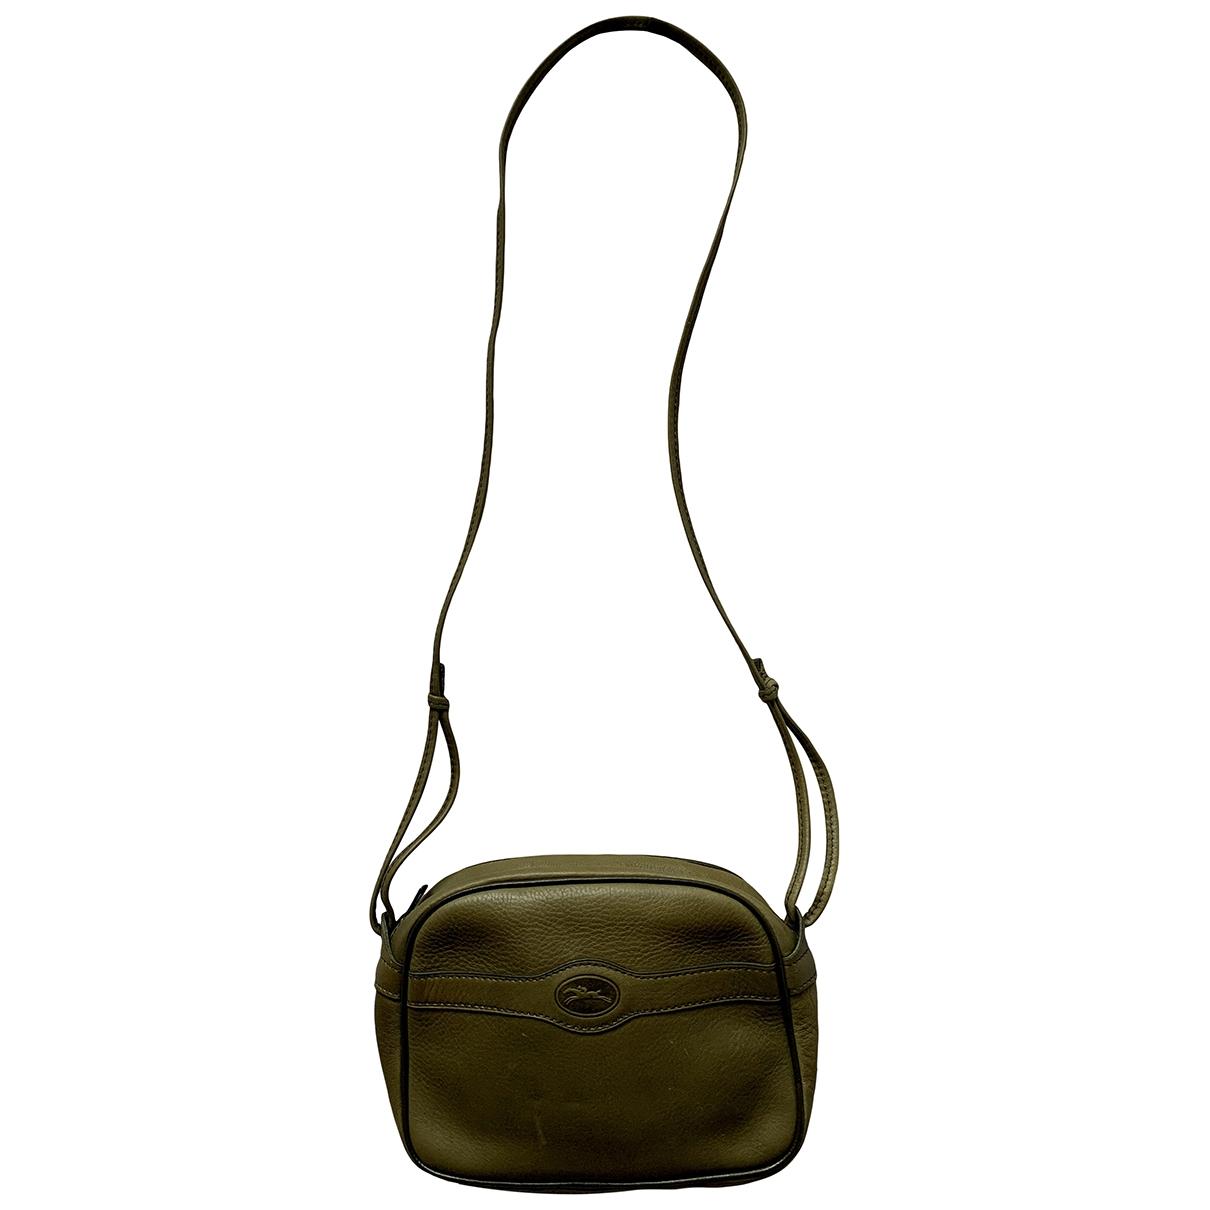 Longchamp \N Green Leather handbag for Women \N